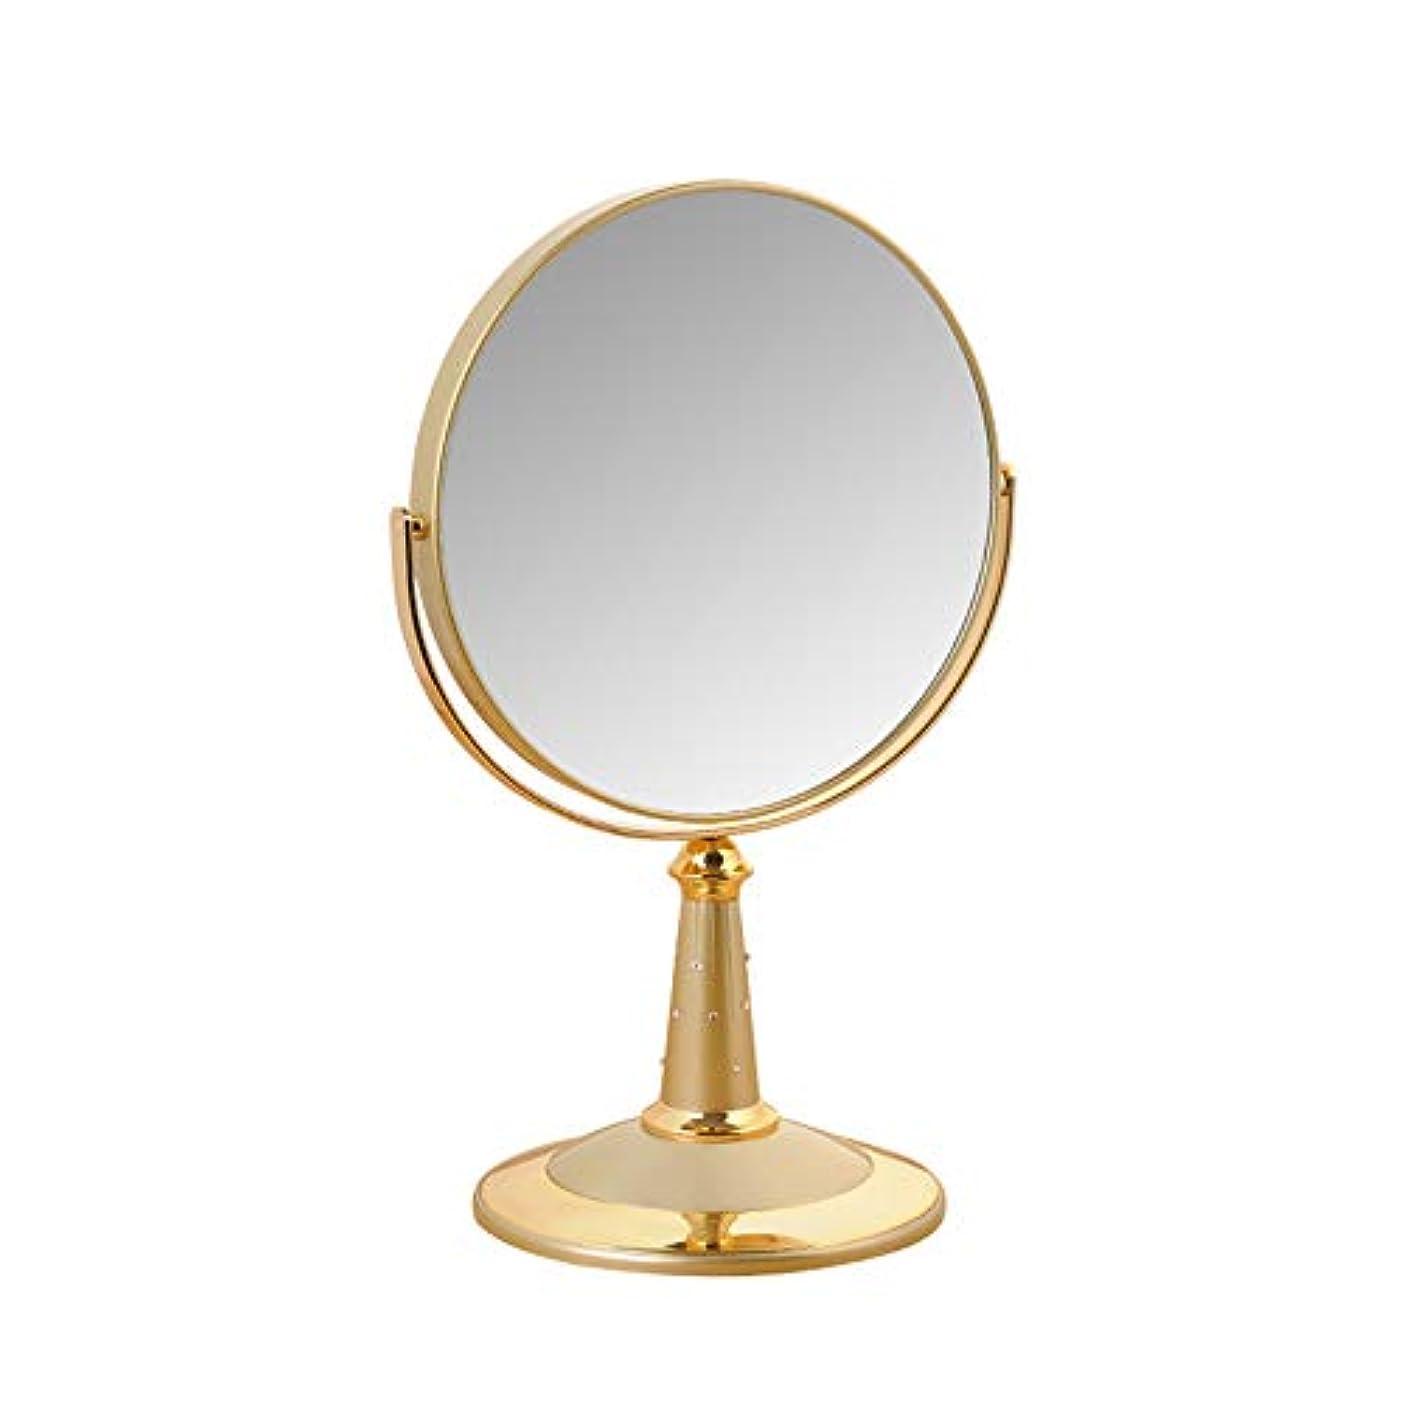 盟主衣装DNSJB 7インチのバニティミラー、360度回転する拡大鏡、4色のドレッシングテーブルメイクアップミラー (Color : Gold)